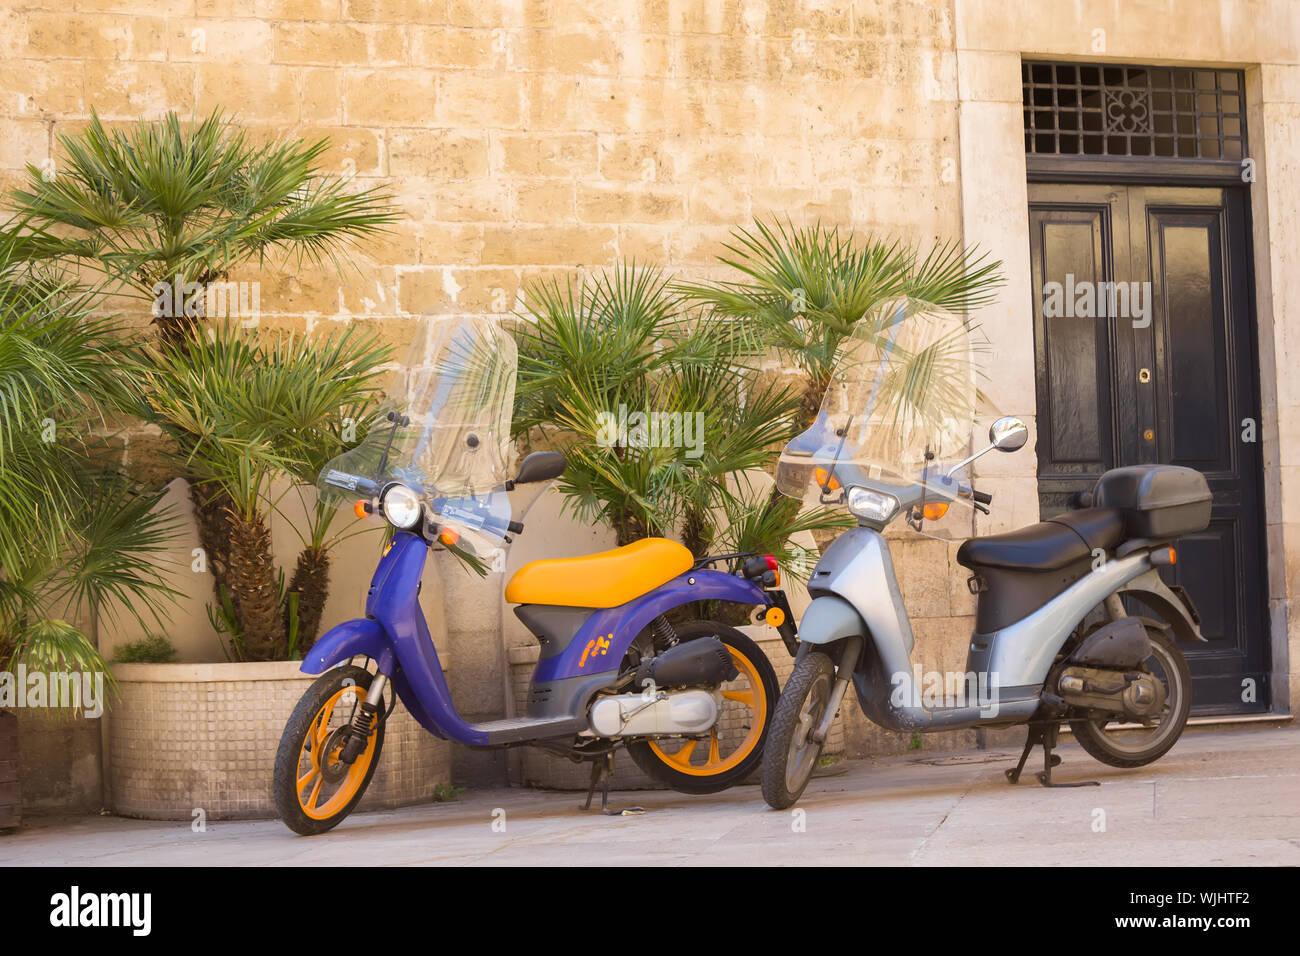 BARI, ITALIE - JUILLET 11,2018, scène de rue typique à Bari avec deux vieux scooter sur une vieille rue pavée étroite, Pouilles, Italie Banque D'Images